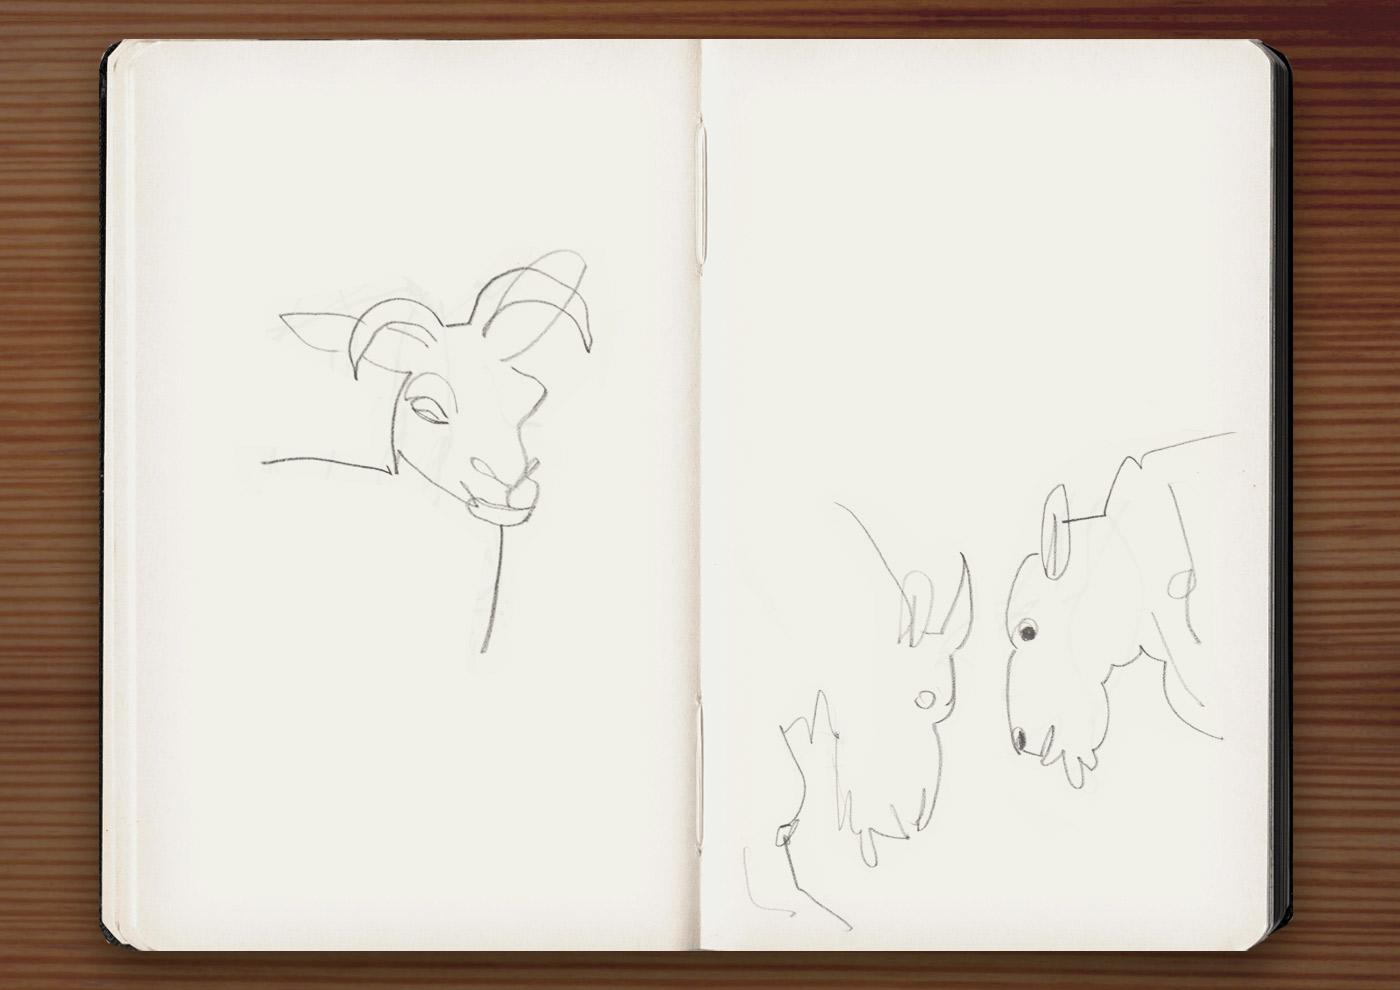 Skizzen von Schafen und Ziegen in der Ménagerie, dem Zoo des Jardin des Plantes, in Paris